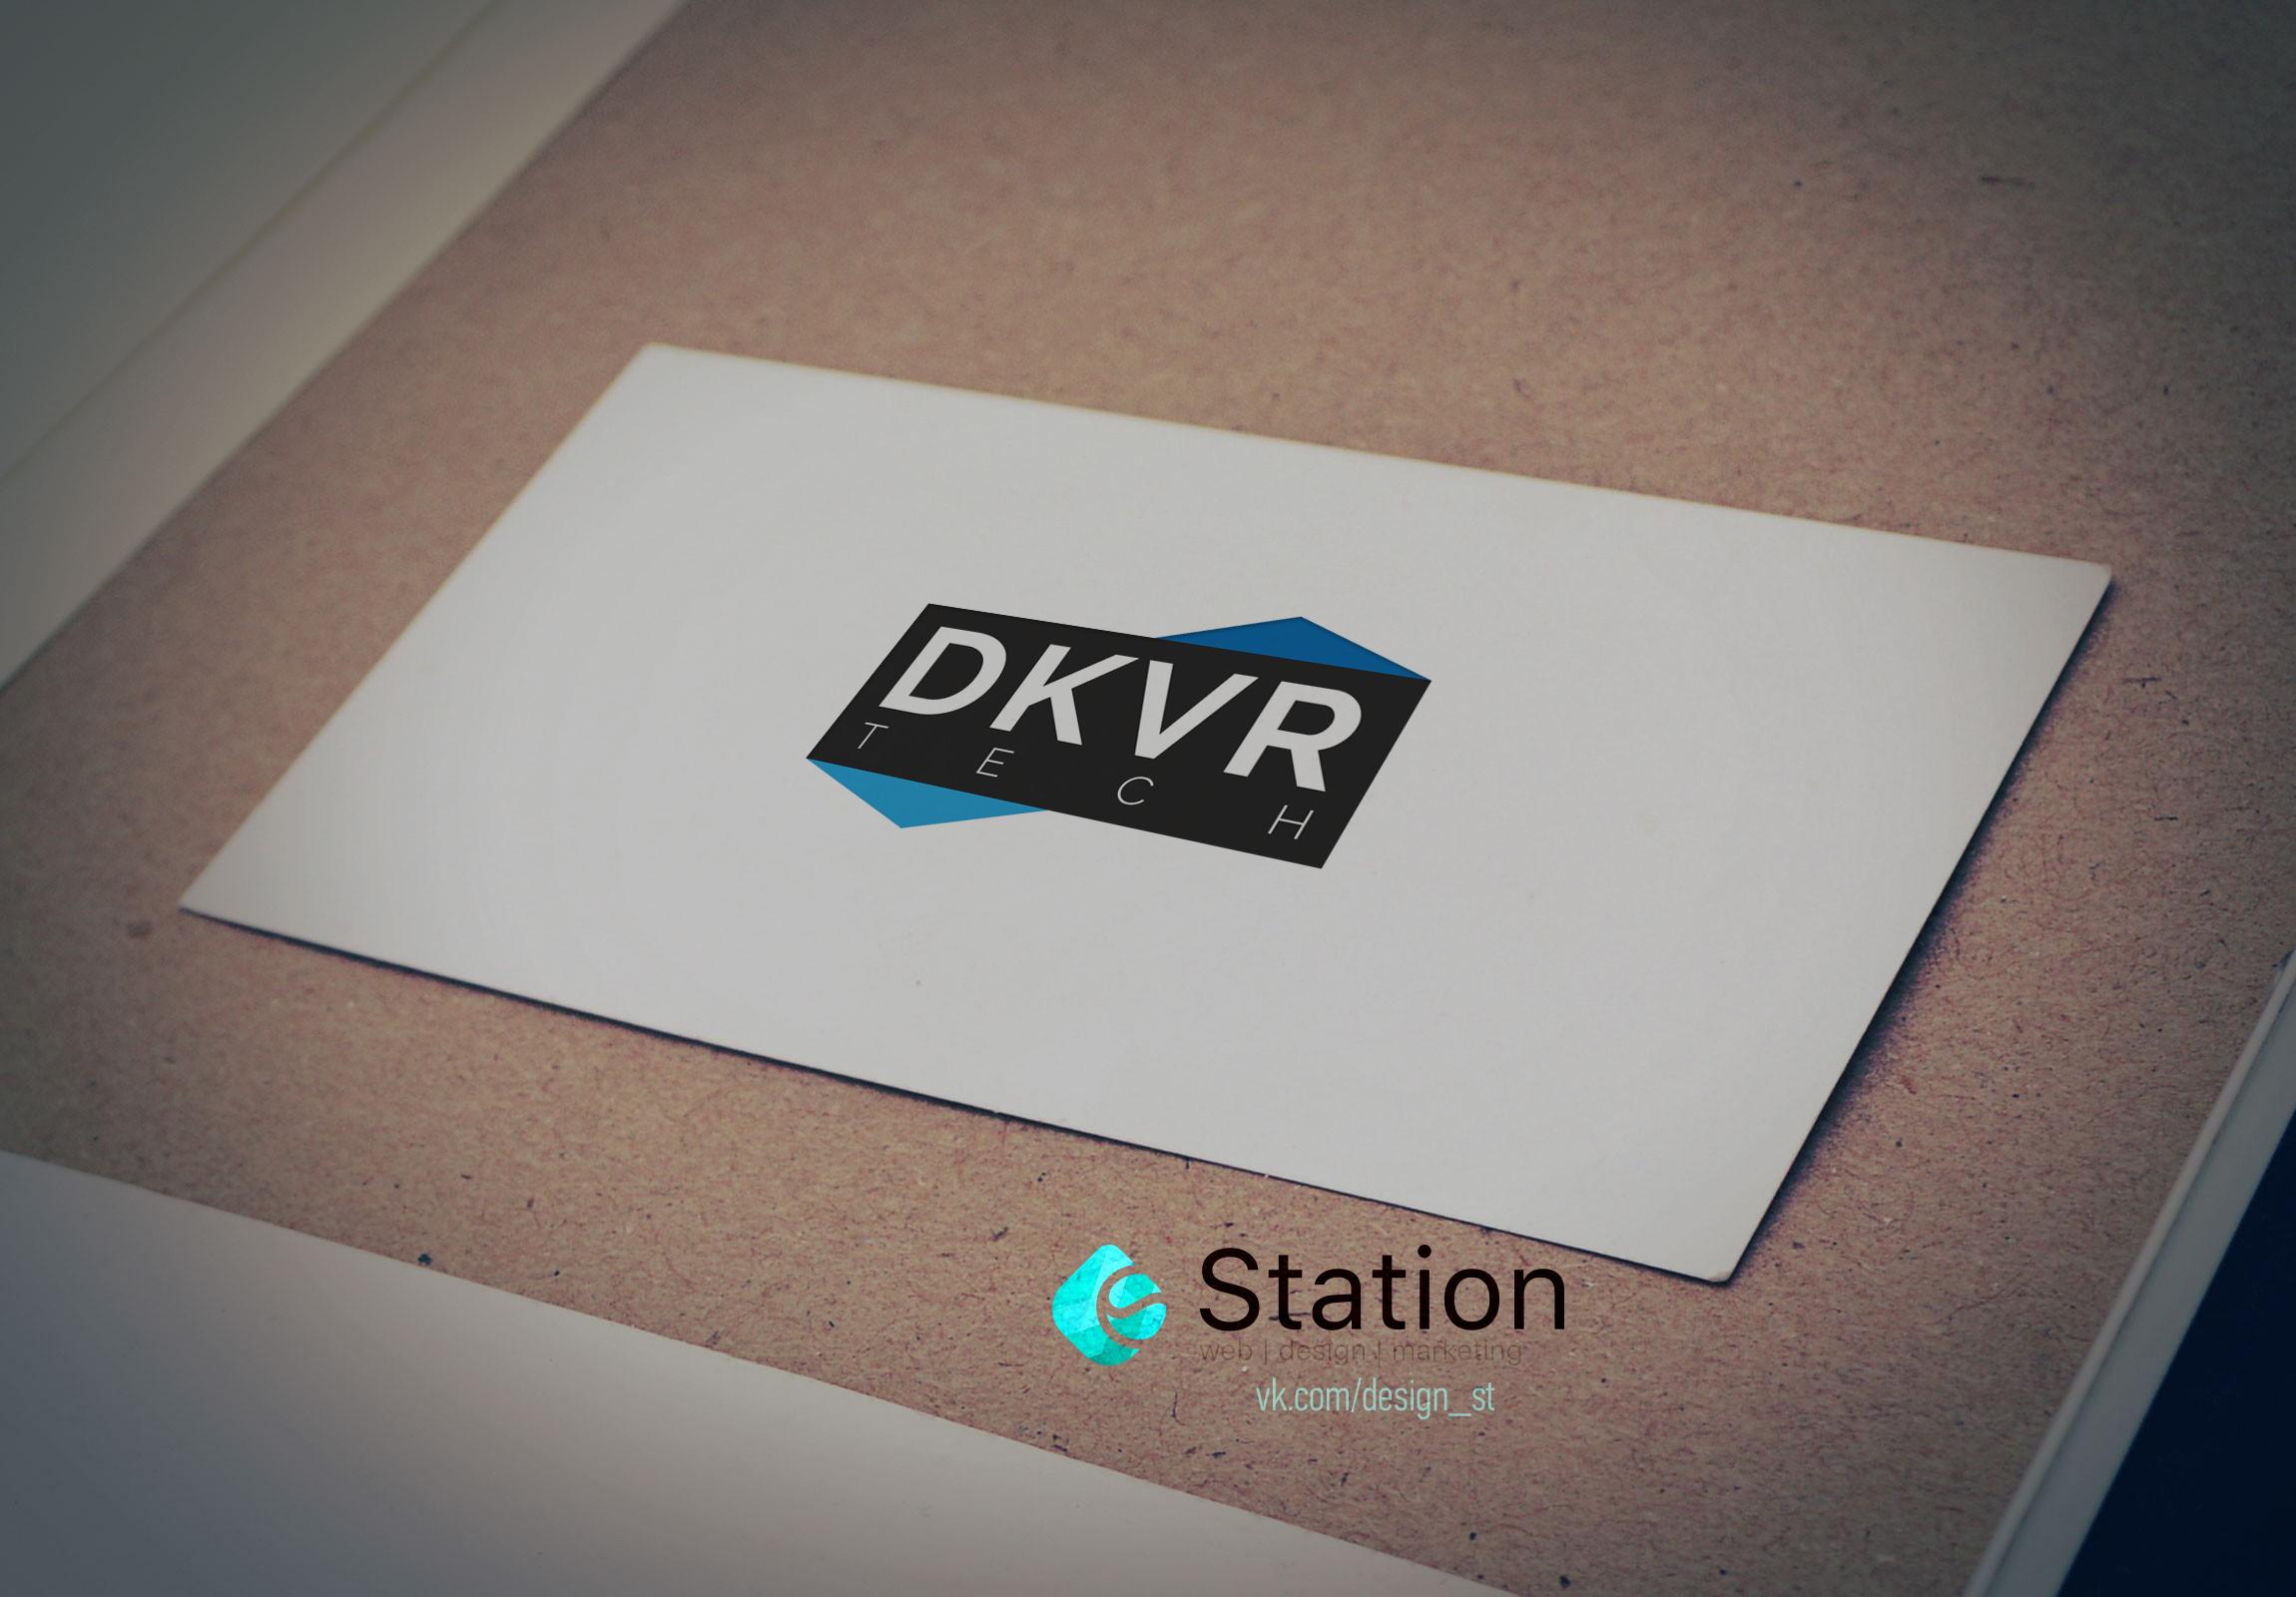 Разработка логотипа - информационные технологии